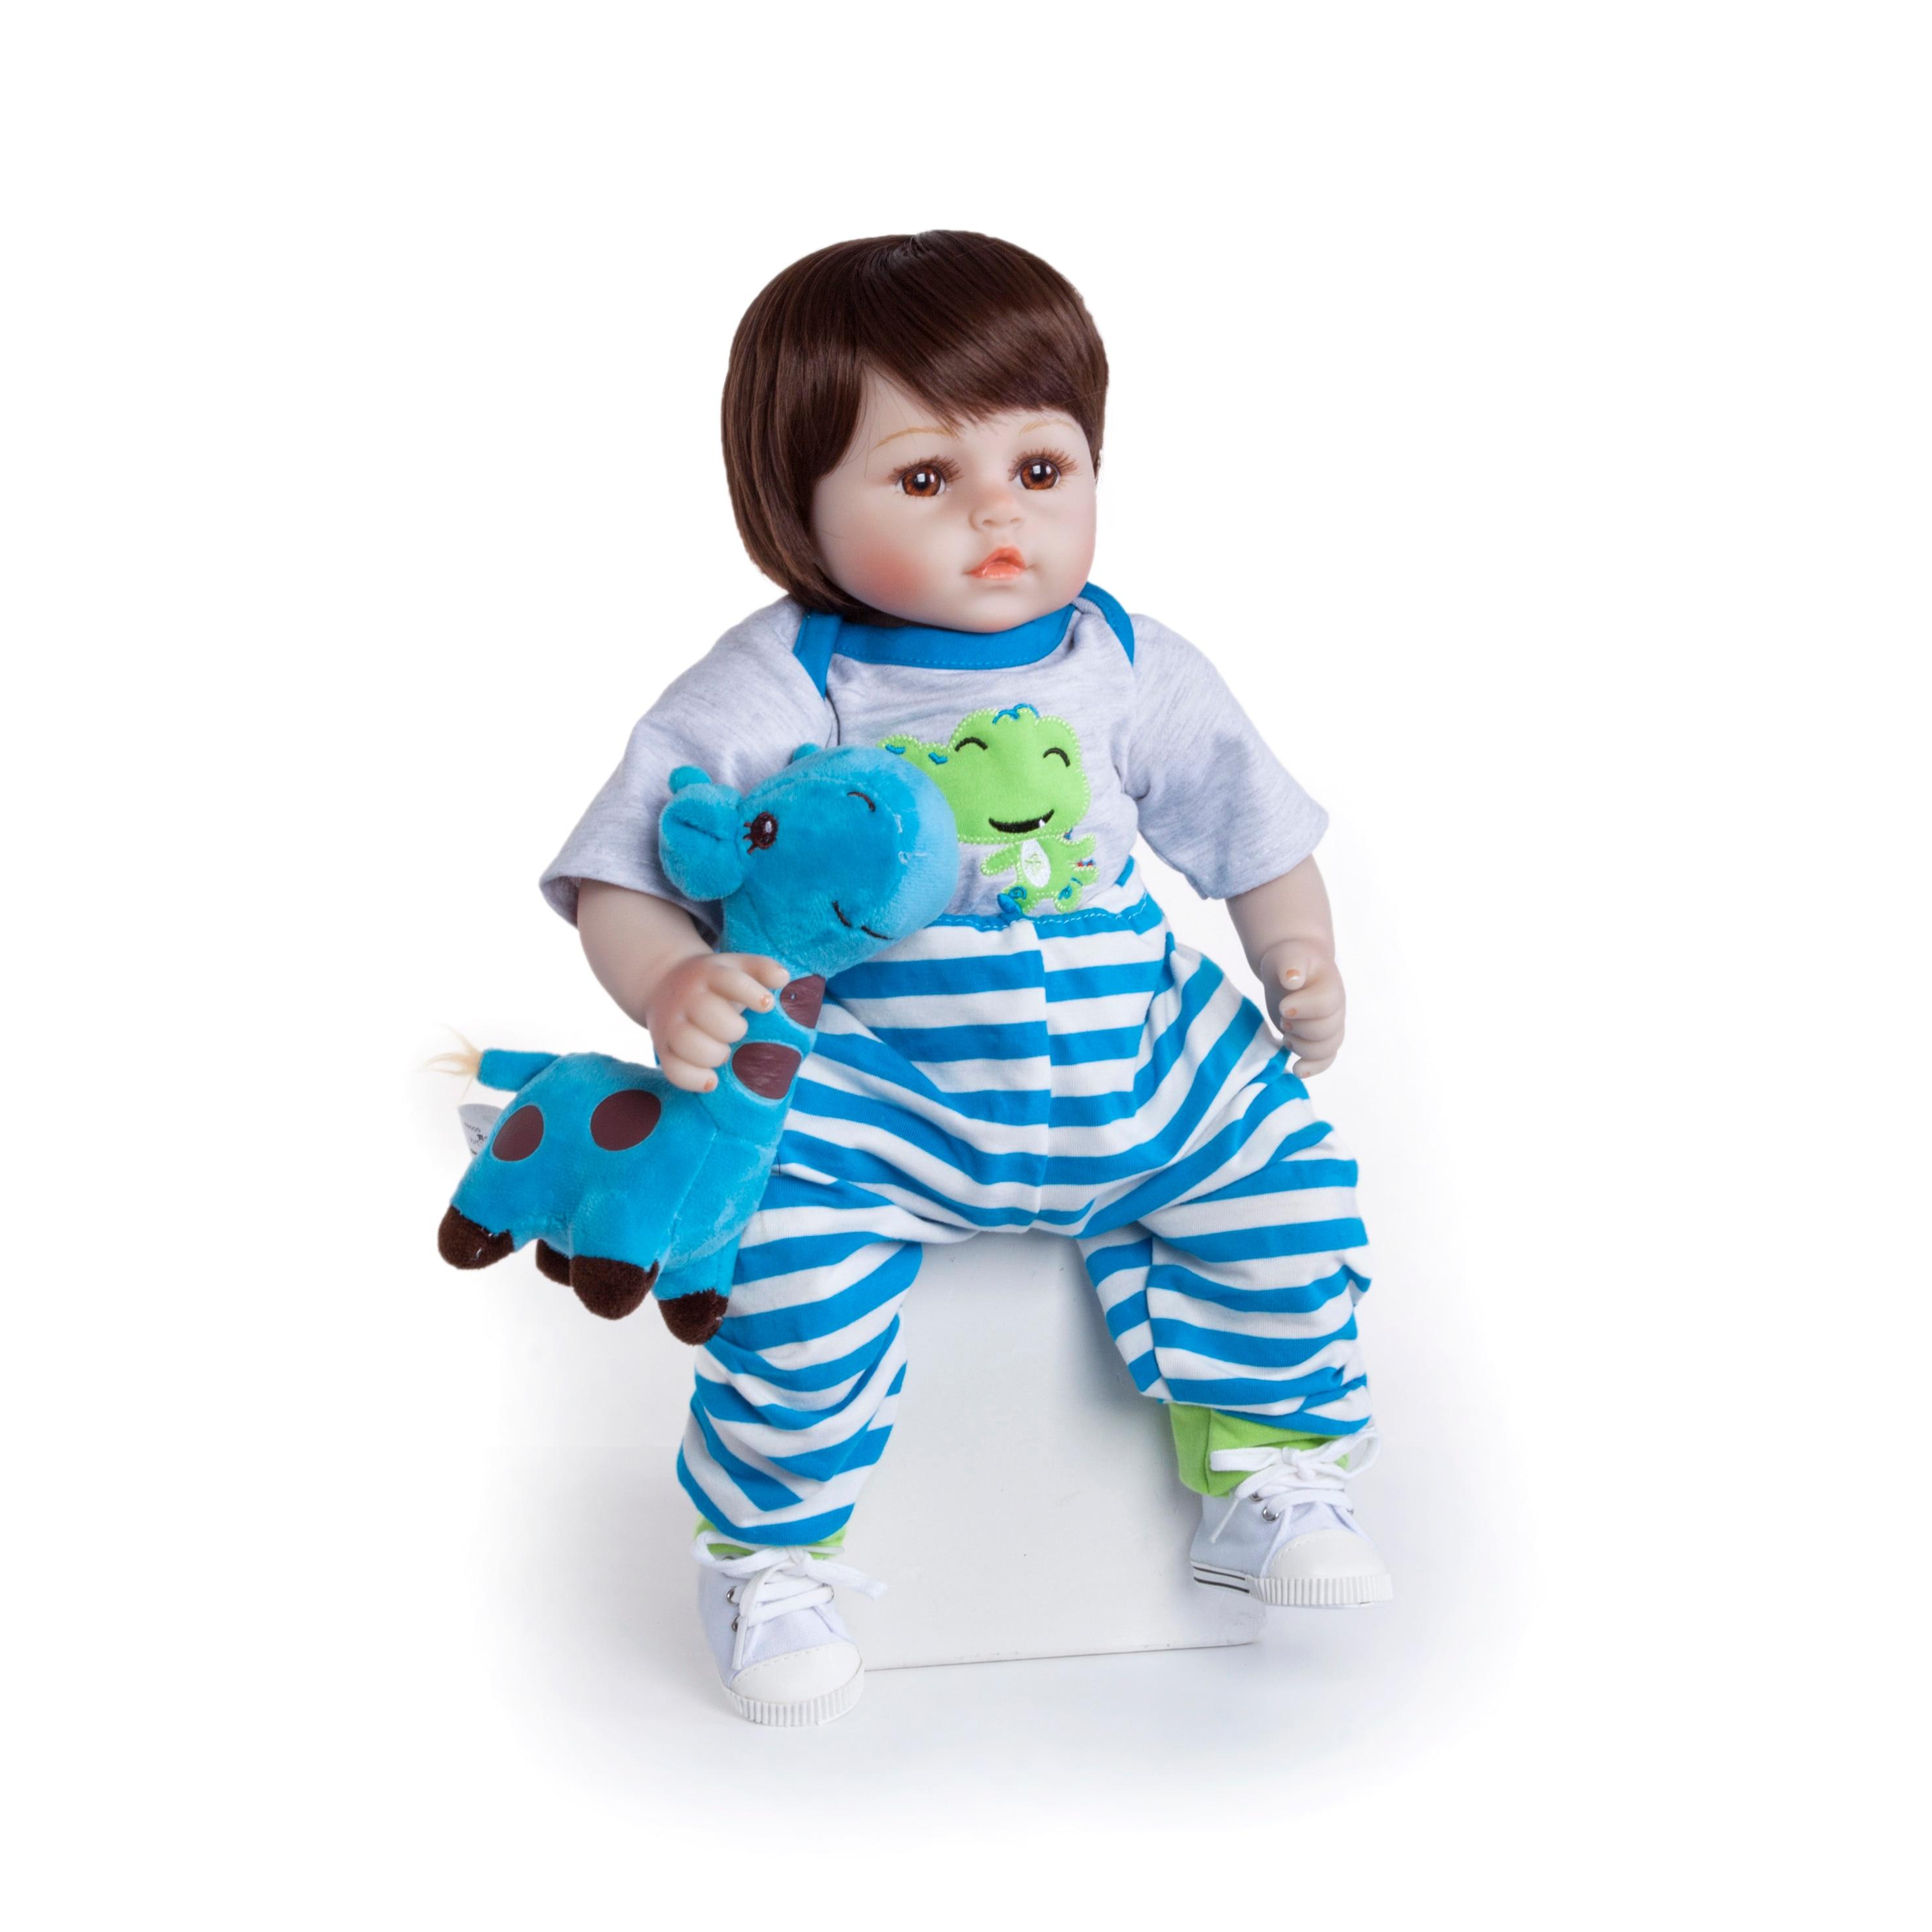 19 polegada artesanal reborn bonecas silicone vinil adorável lifelike bebê da criança bonecas menino miúdo bebes boneca renascer menina de silicone